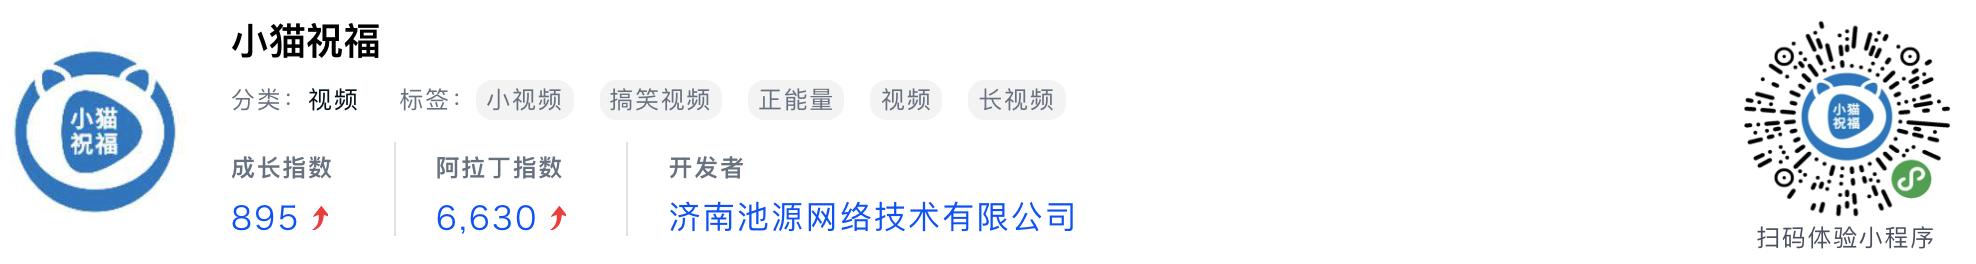 WeChatミニプログラム最新ランキングTOP20【2019年6月版】16位 :小猫祝福